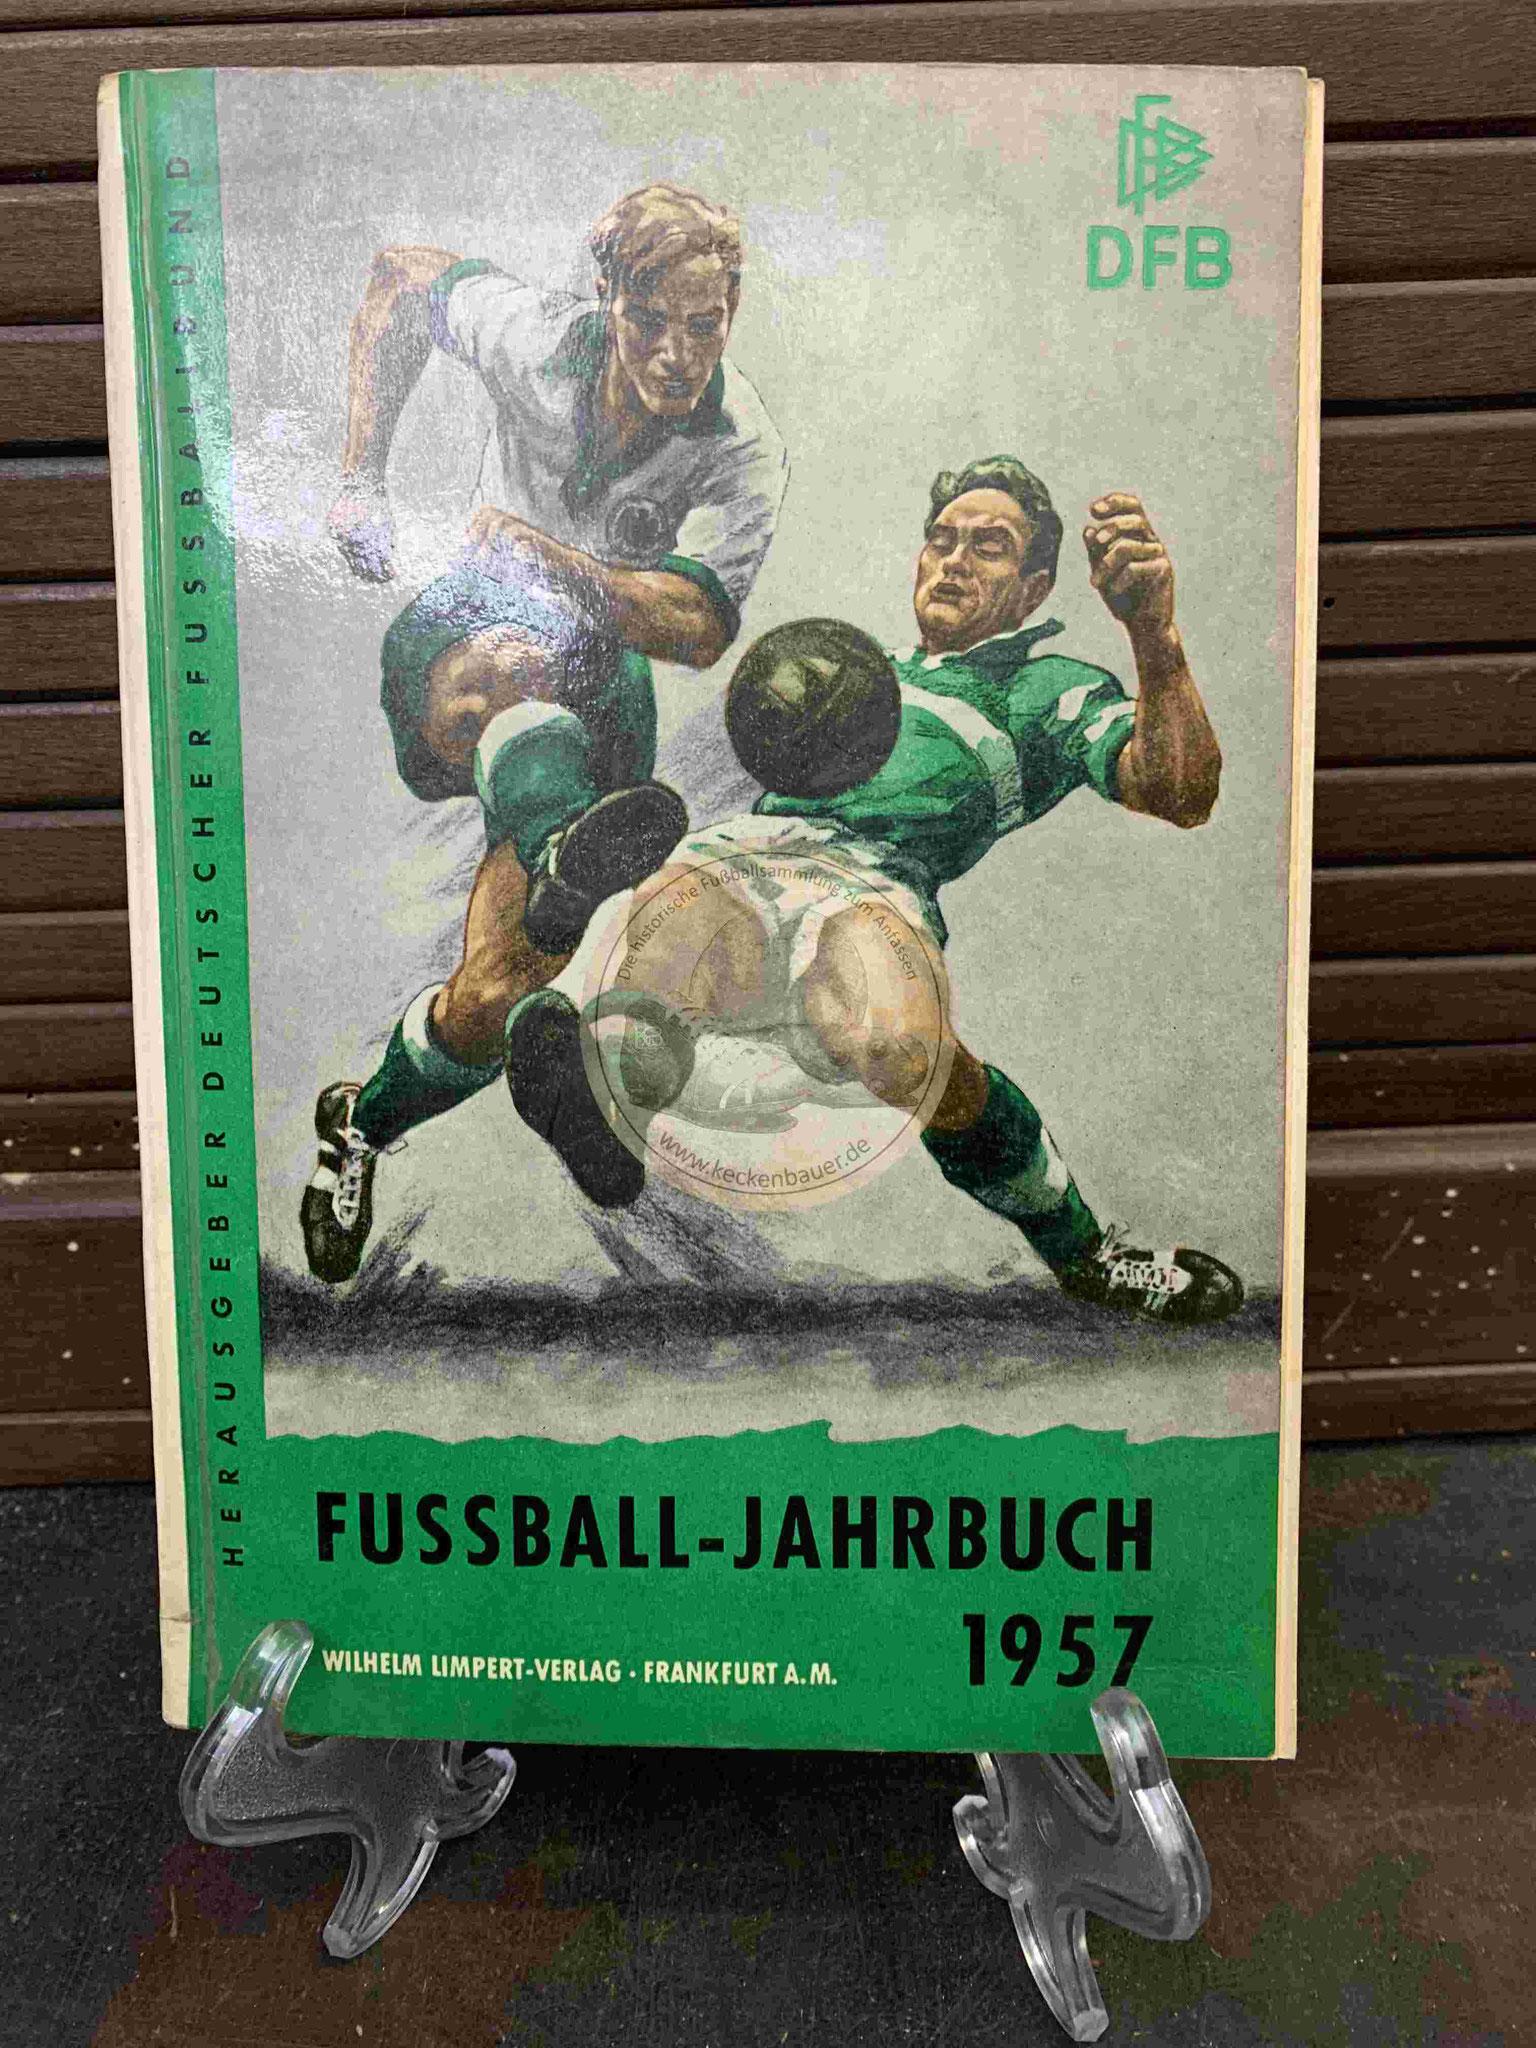 DFB Fußball Jahrbuch aus dem Jahr 1957